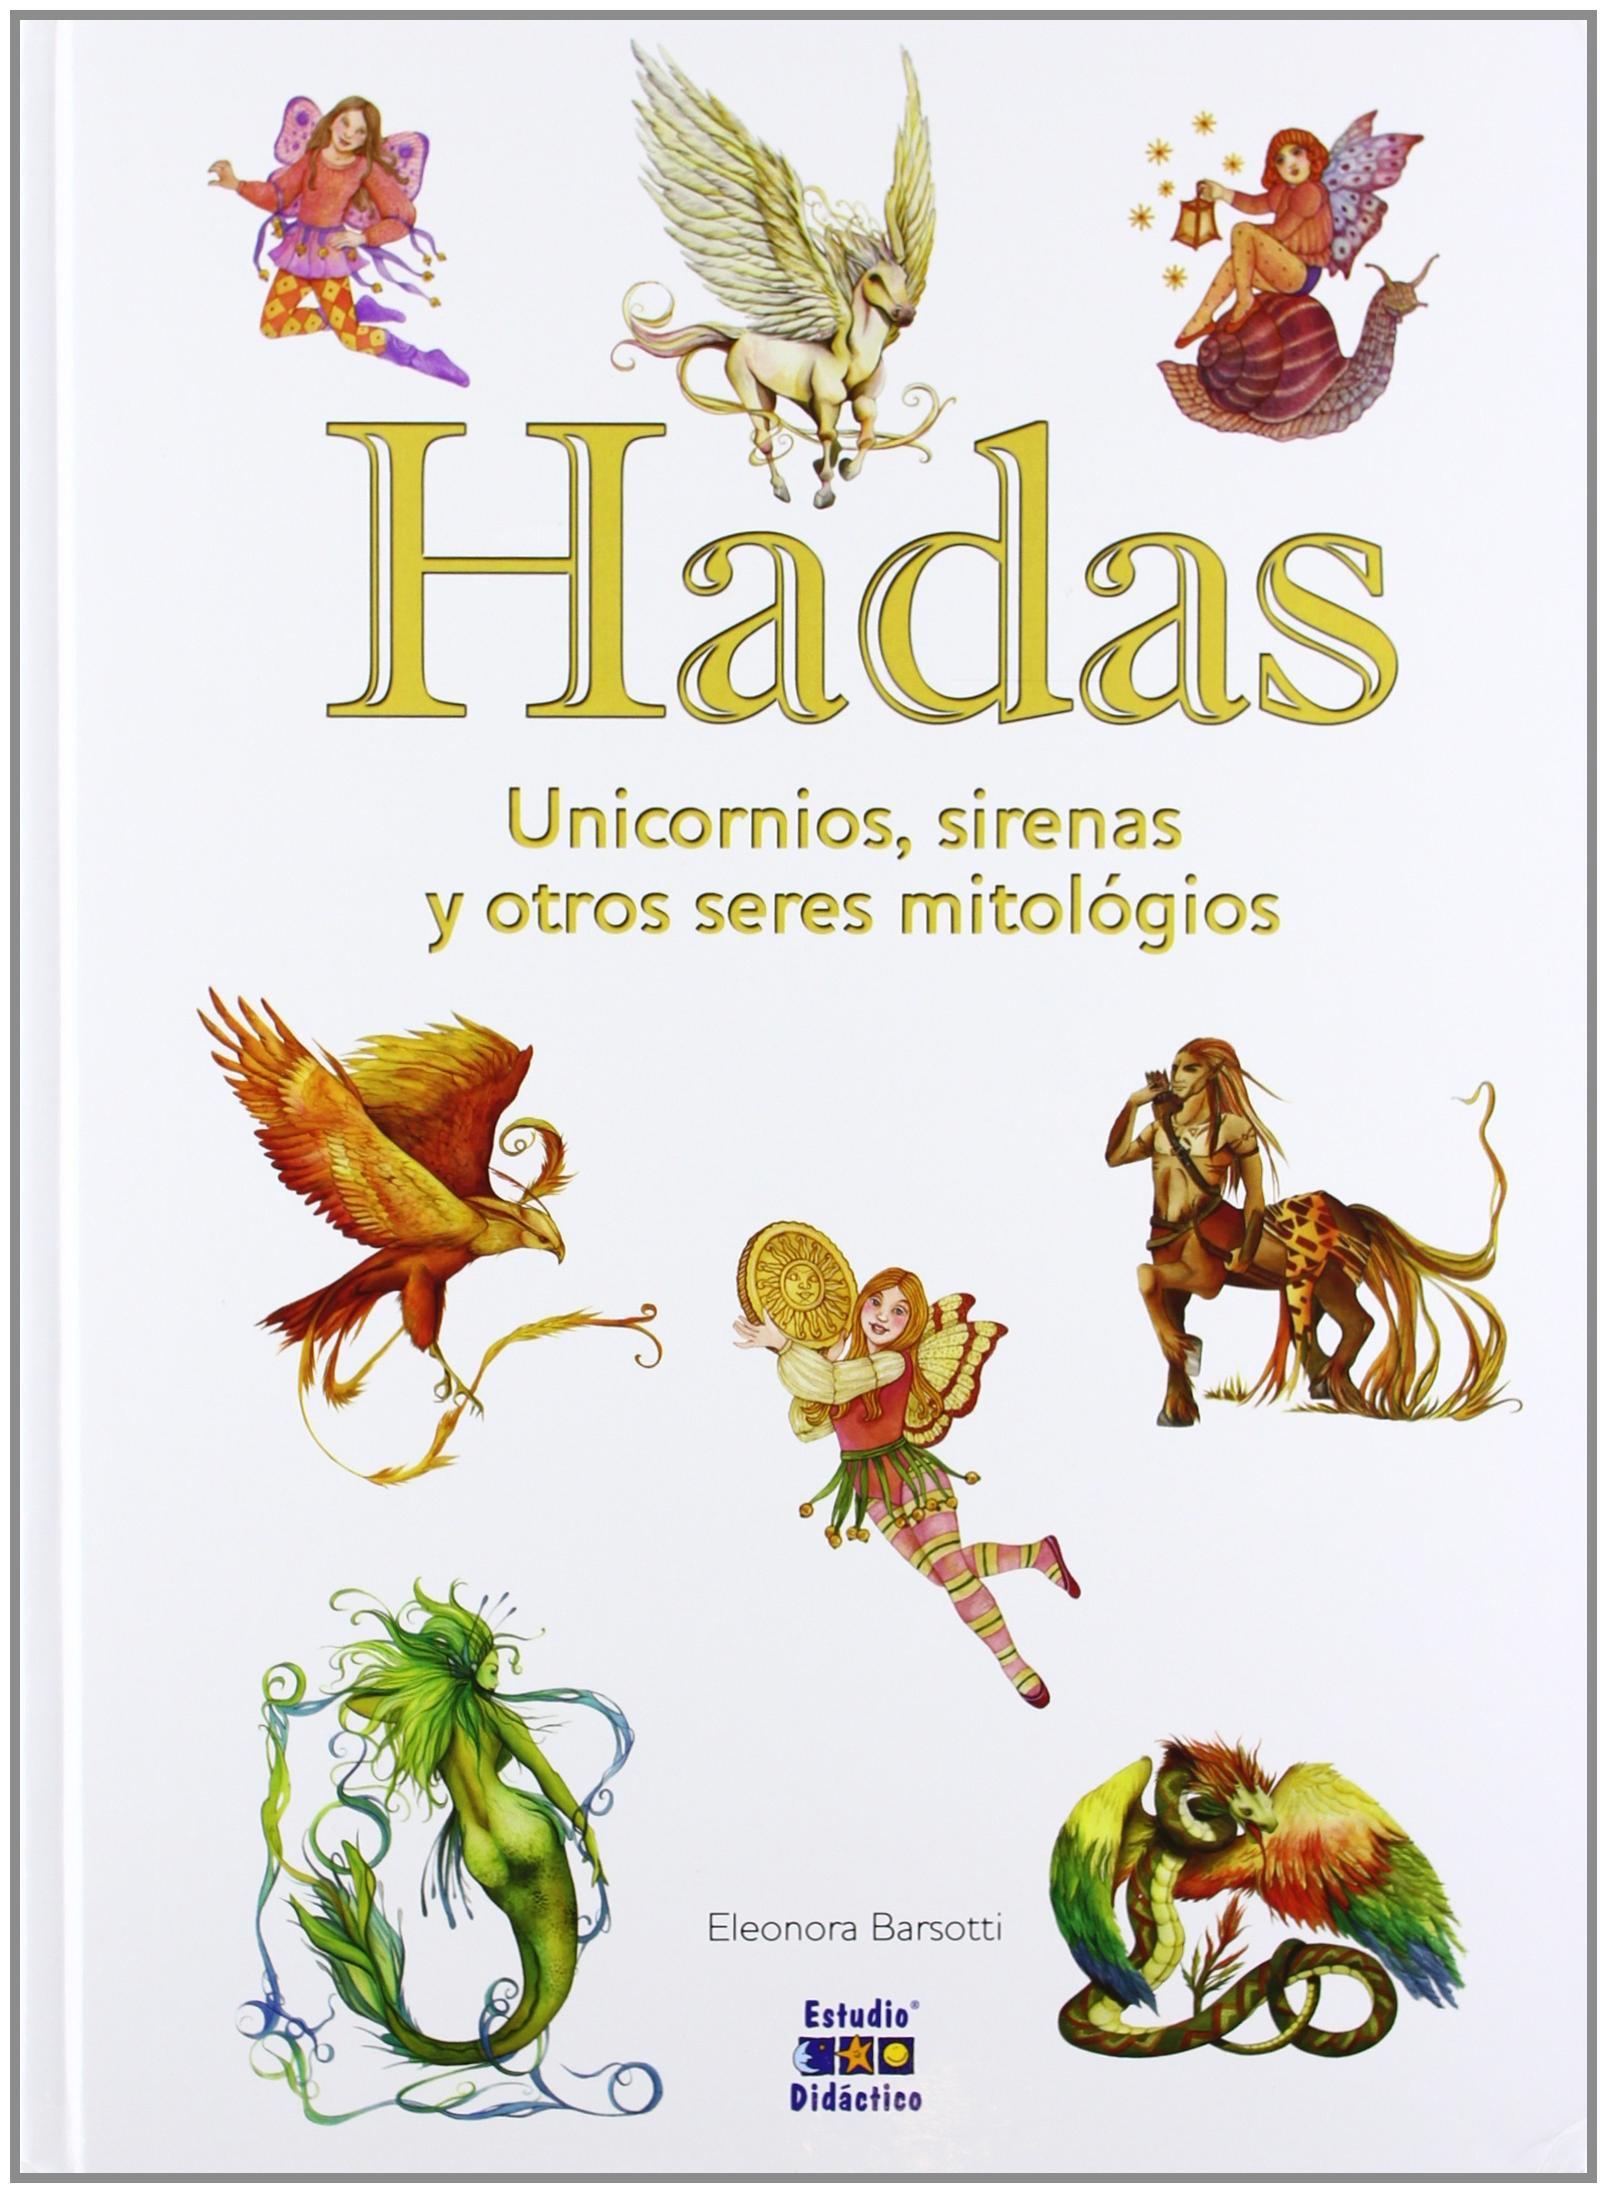 Hadas, unicornios, sirenas y otros seres mitológicos Seres Imaginarios- vol. extra: Amazon.es: Barsotti, Eleonora: Libros